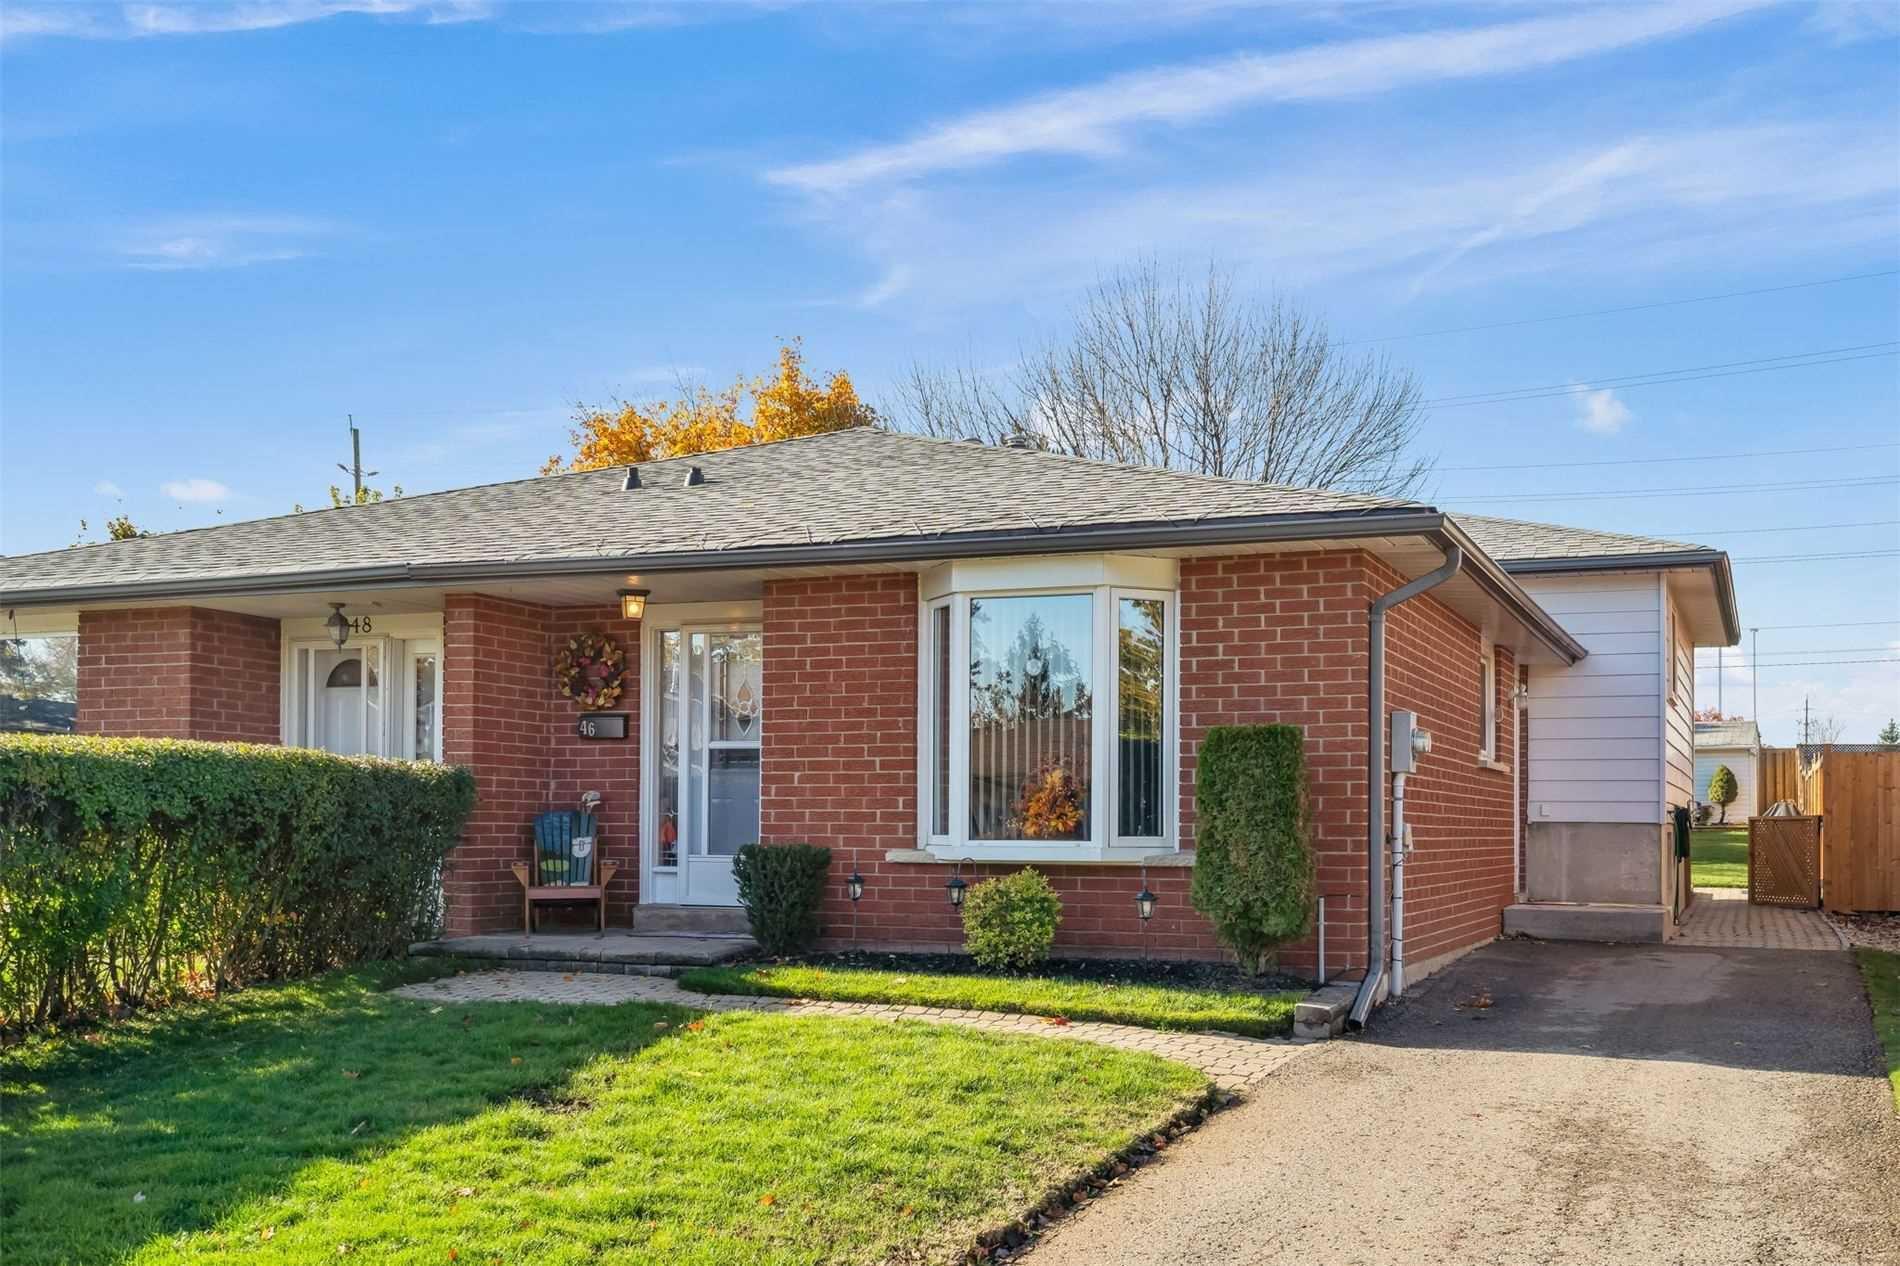 Main Photo: 46 Cannon Court: Orangeville House (Backsplit 3) for sale : MLS®# W4963597